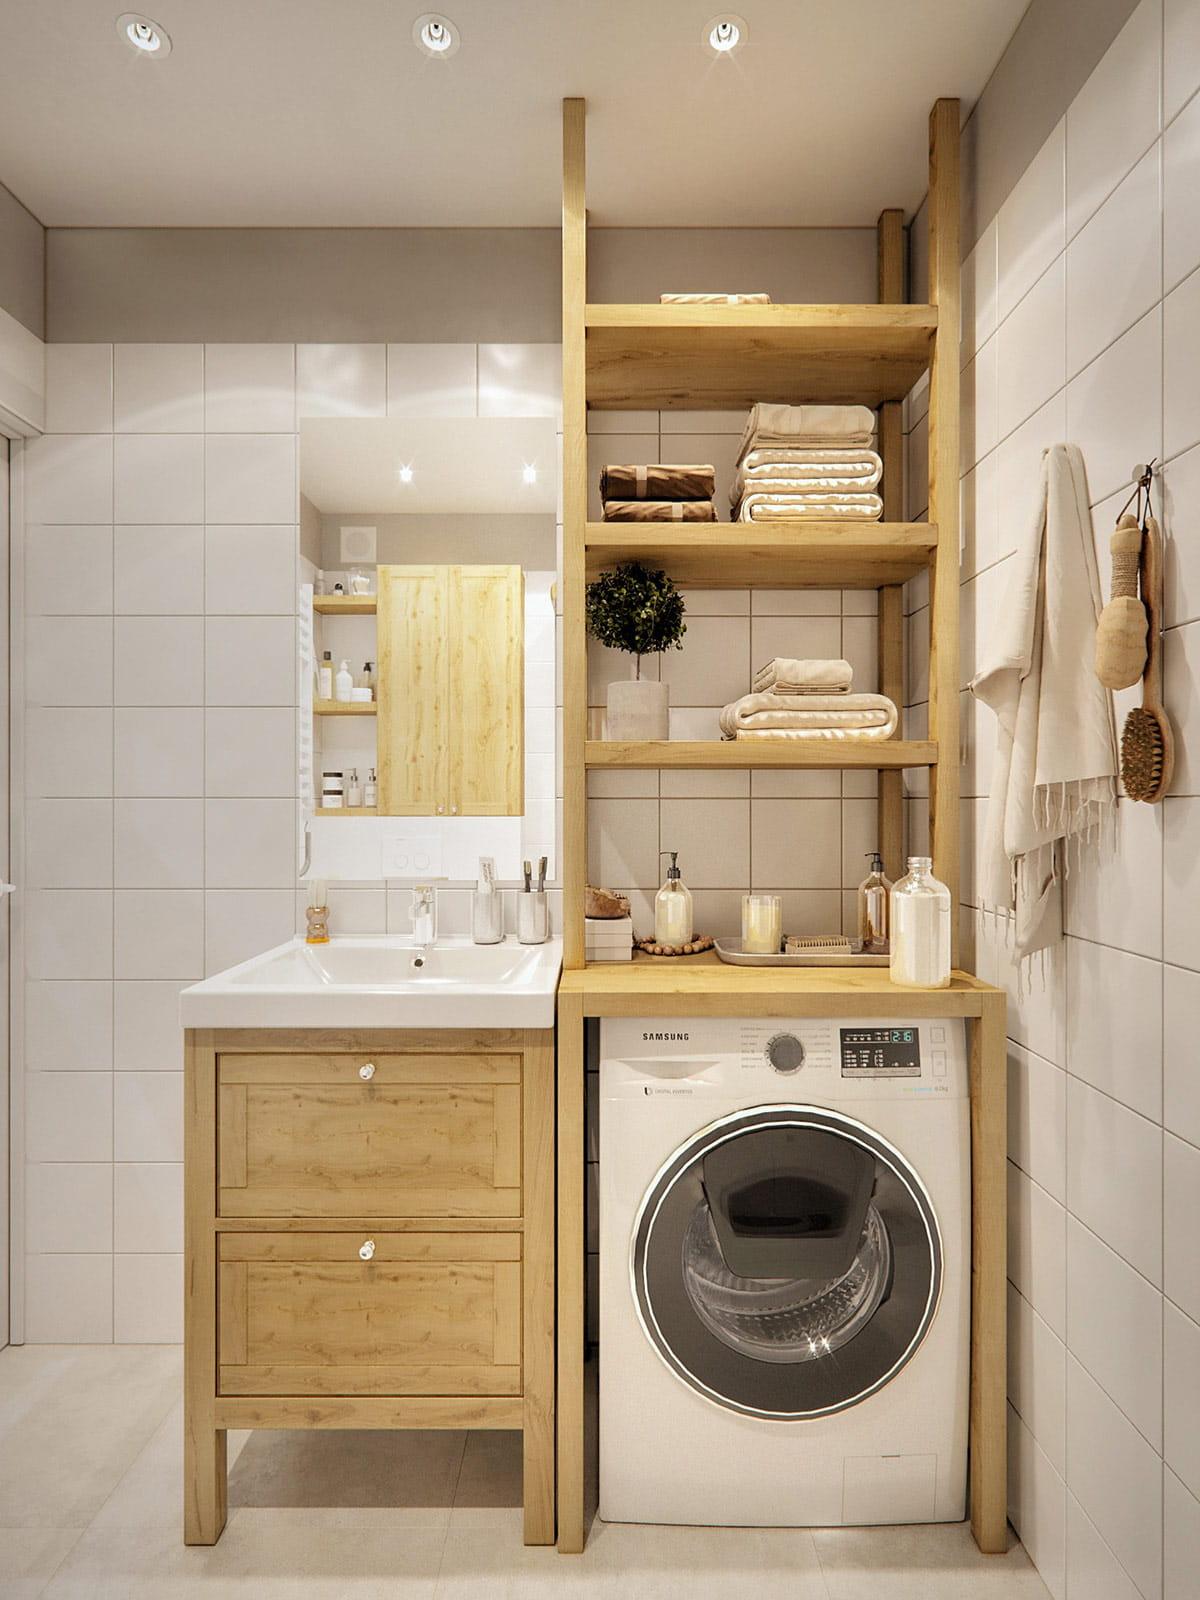 conception d'un petit appartement photo 23